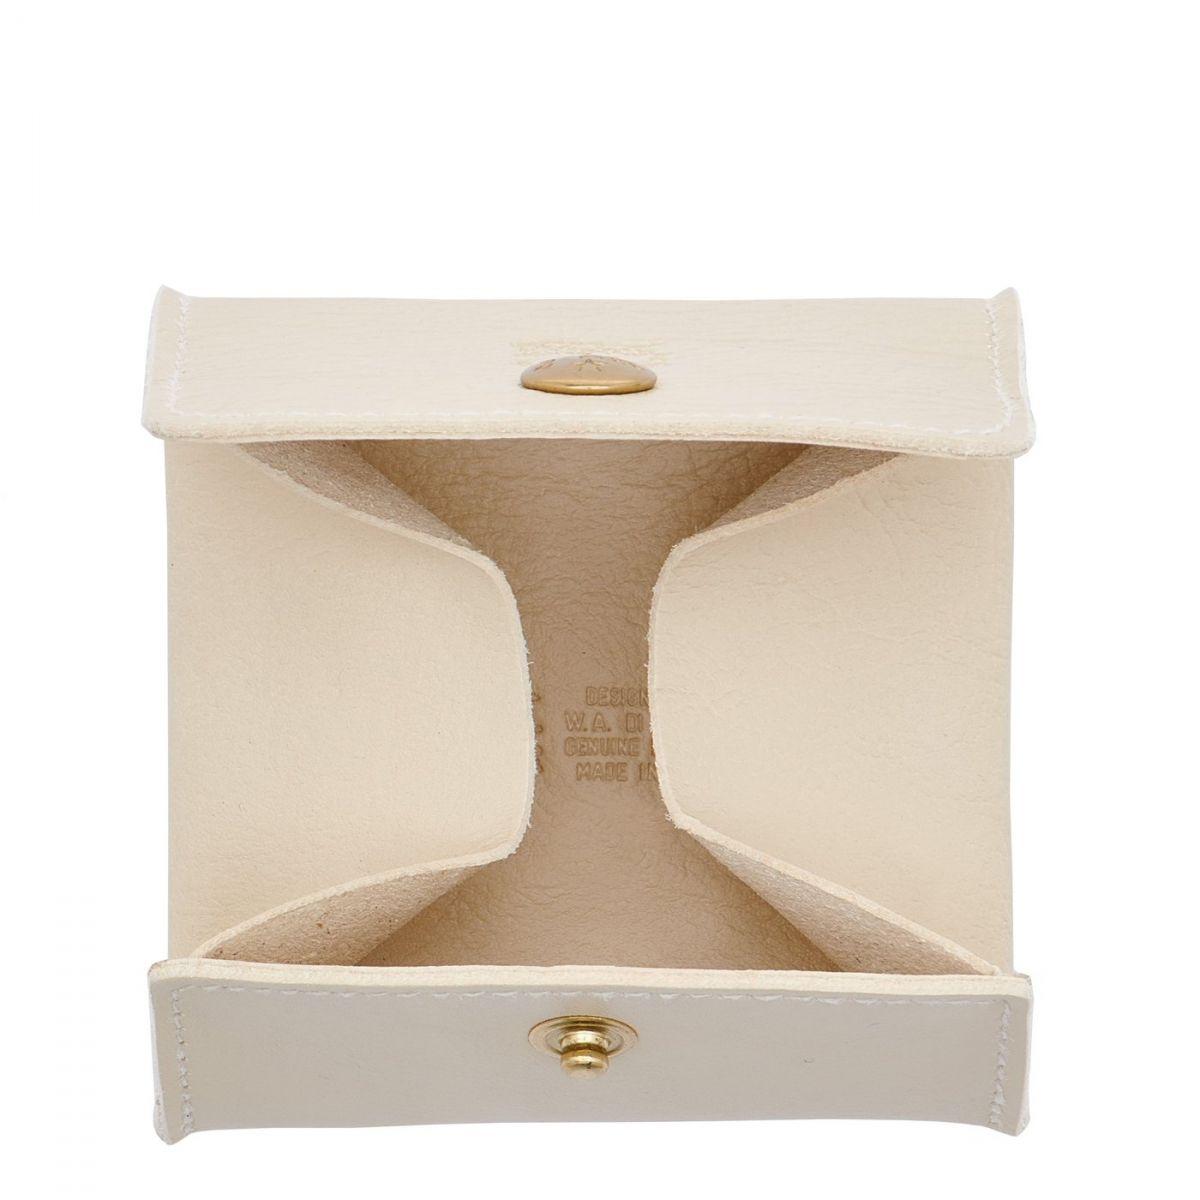 Porta Spiccioli in Pelle Di Vacchetta colore Avorio - SCP020 | Details